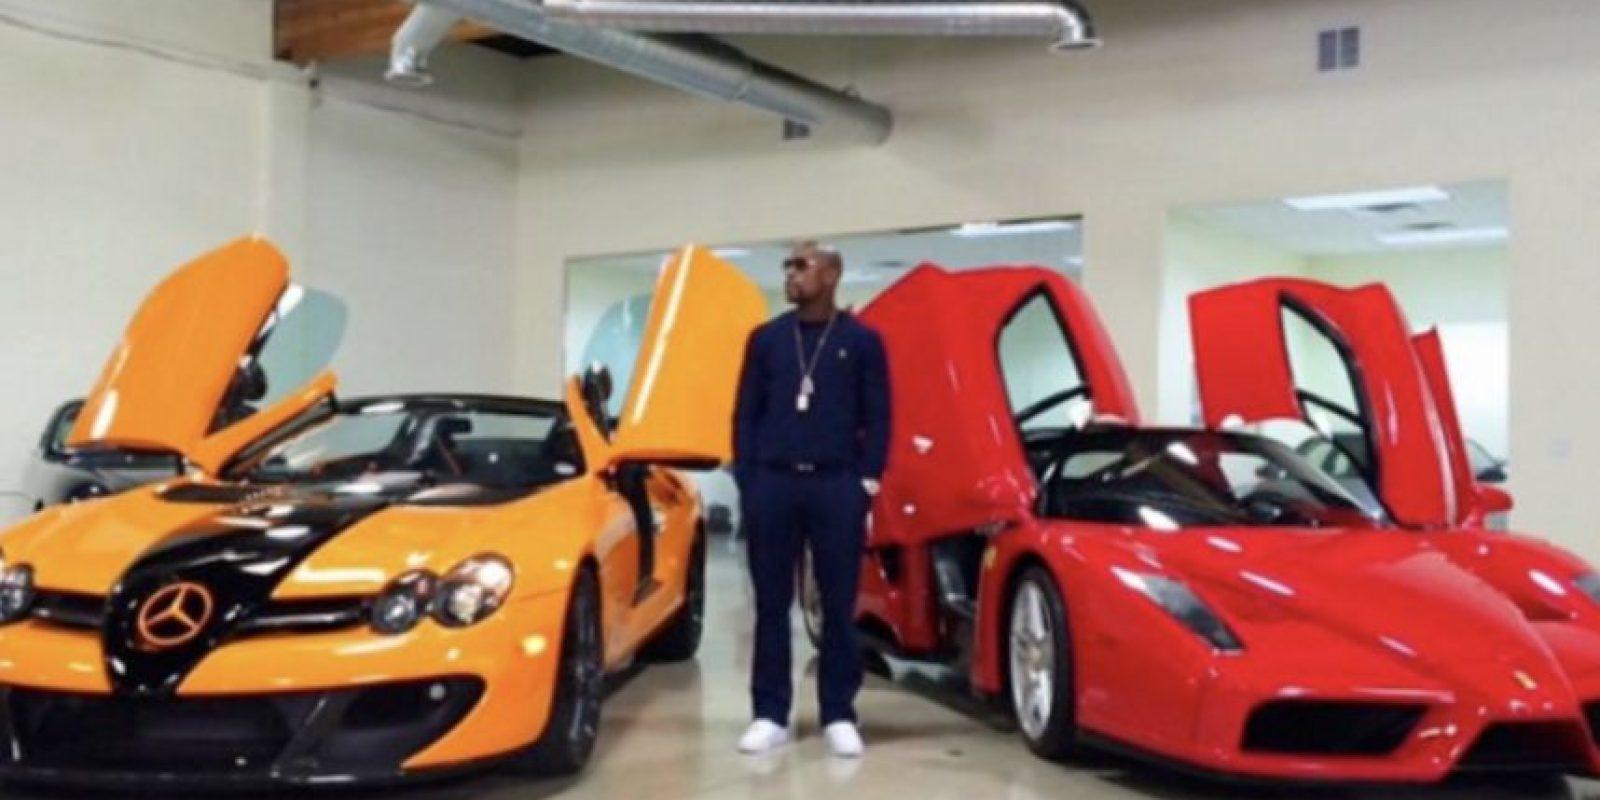 Tiene una exclusiva flota de automóviles que incluye un Buggati Veyron, un Buggatti Gran Sport, dos Ferrari y un Lamborghini, entre otros. Foto:Vía instagram.com/floydmayweather